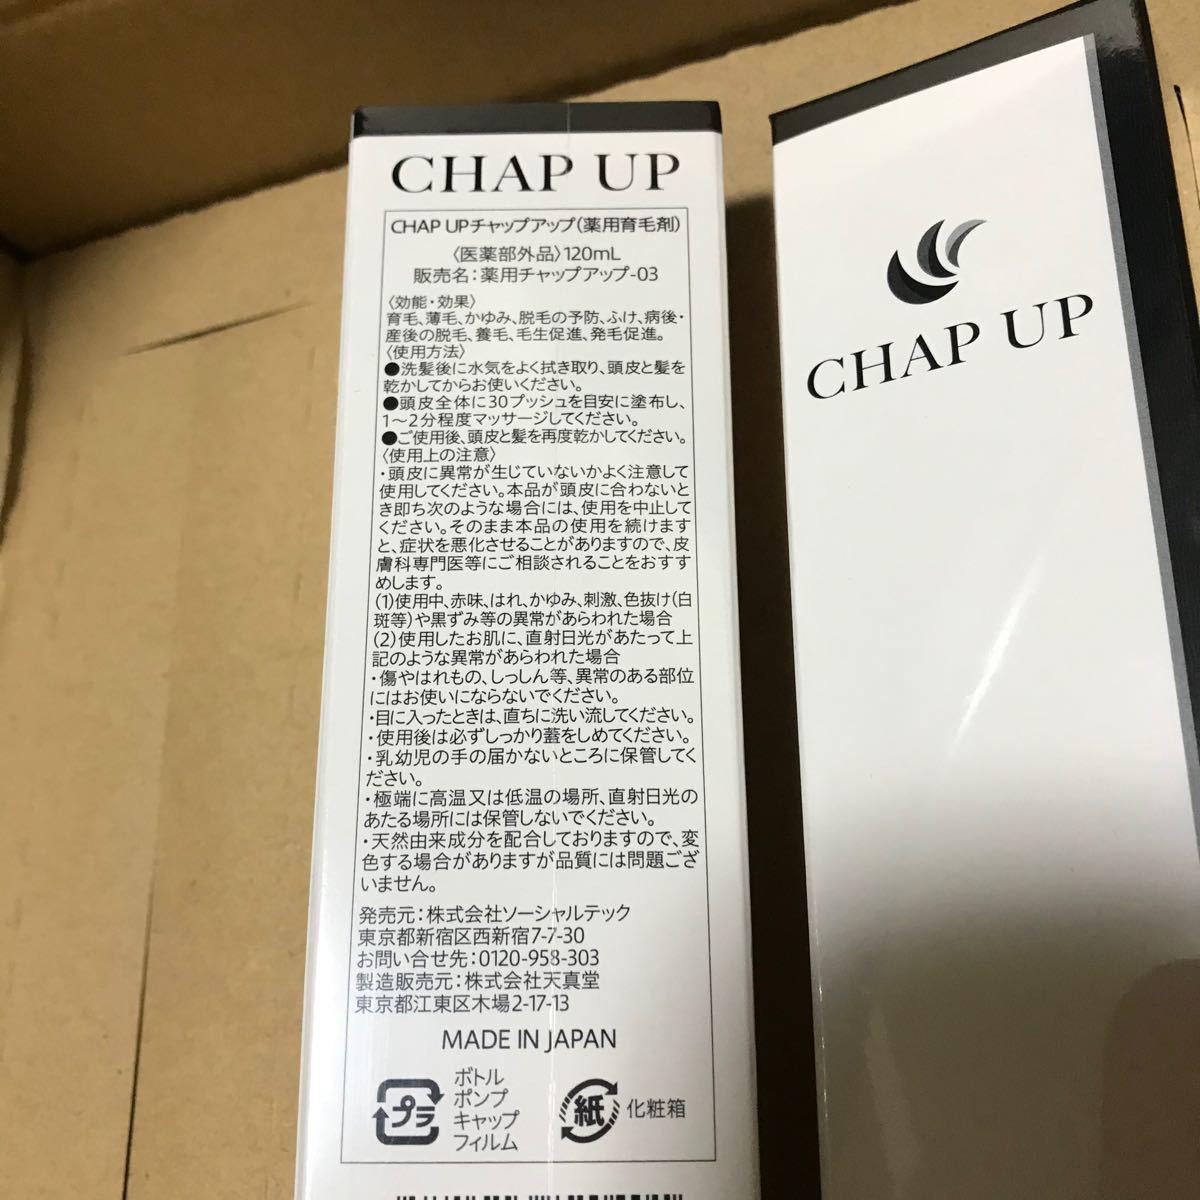 薬用 チャップアップ CHAPUP 育毛ローション 120ml 育毛剤 2本